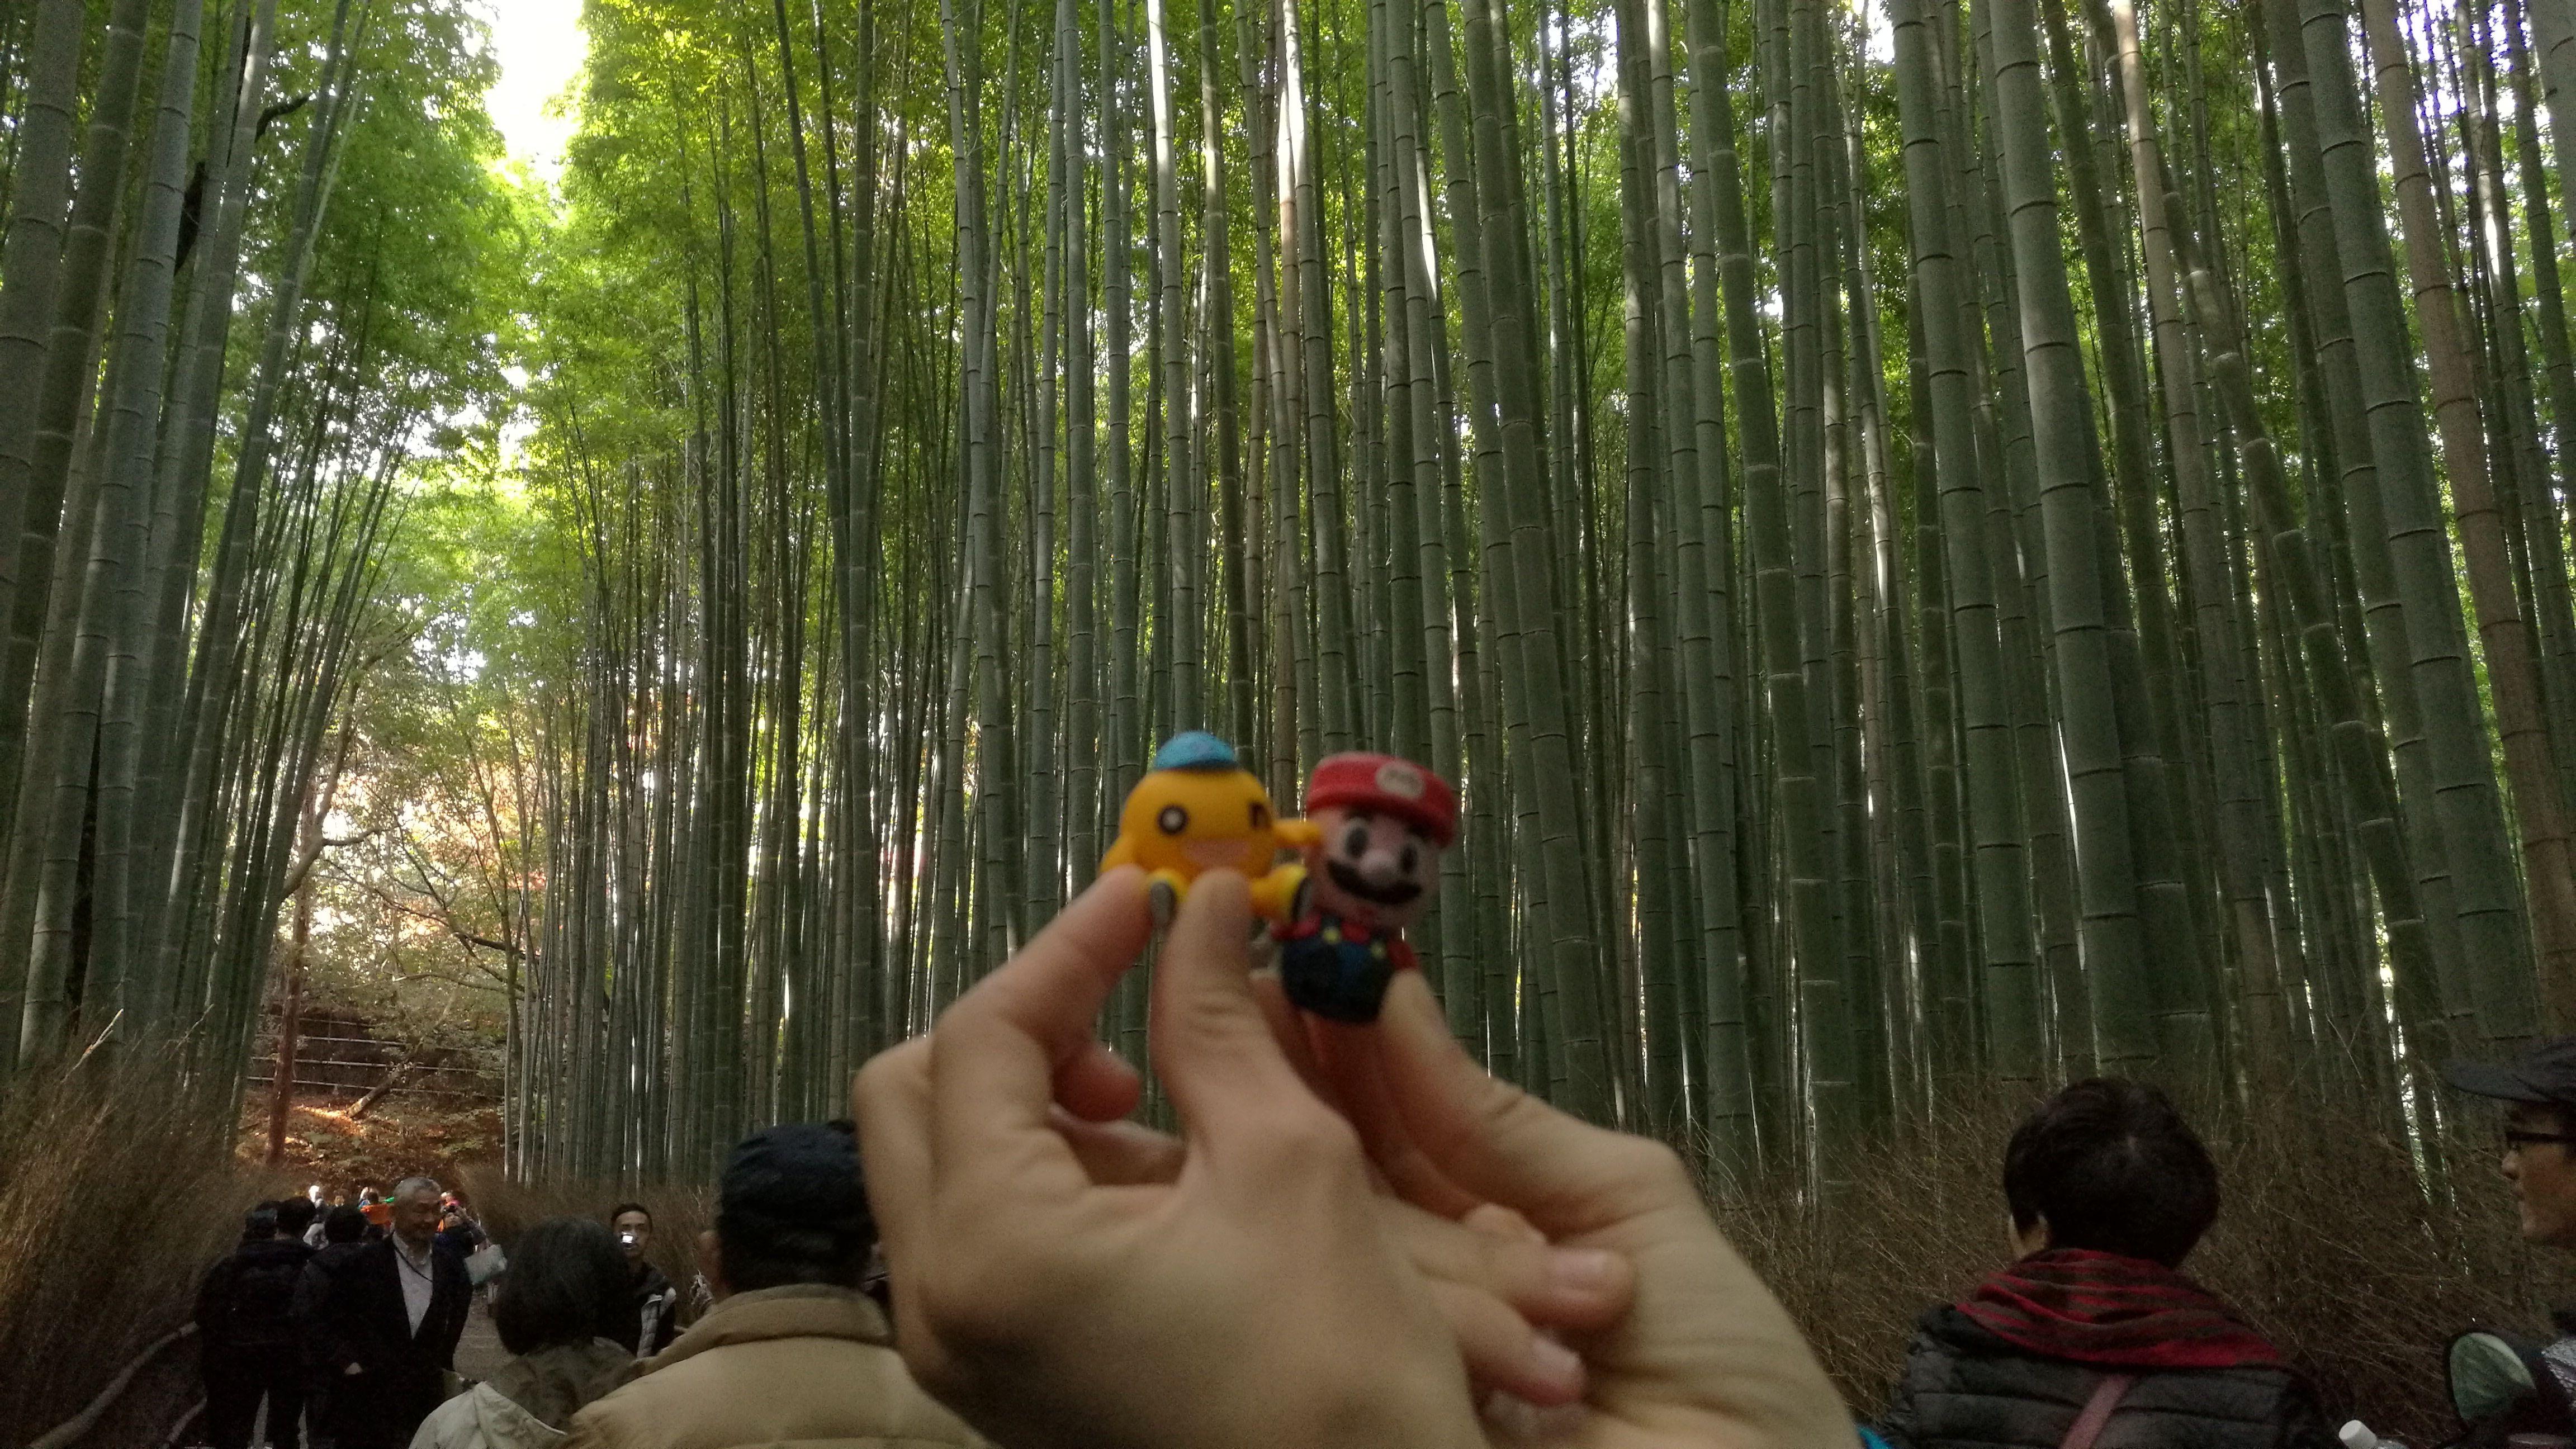 En el bosque de bambú de Arashiyama en Kioto, con un nuevo amigo